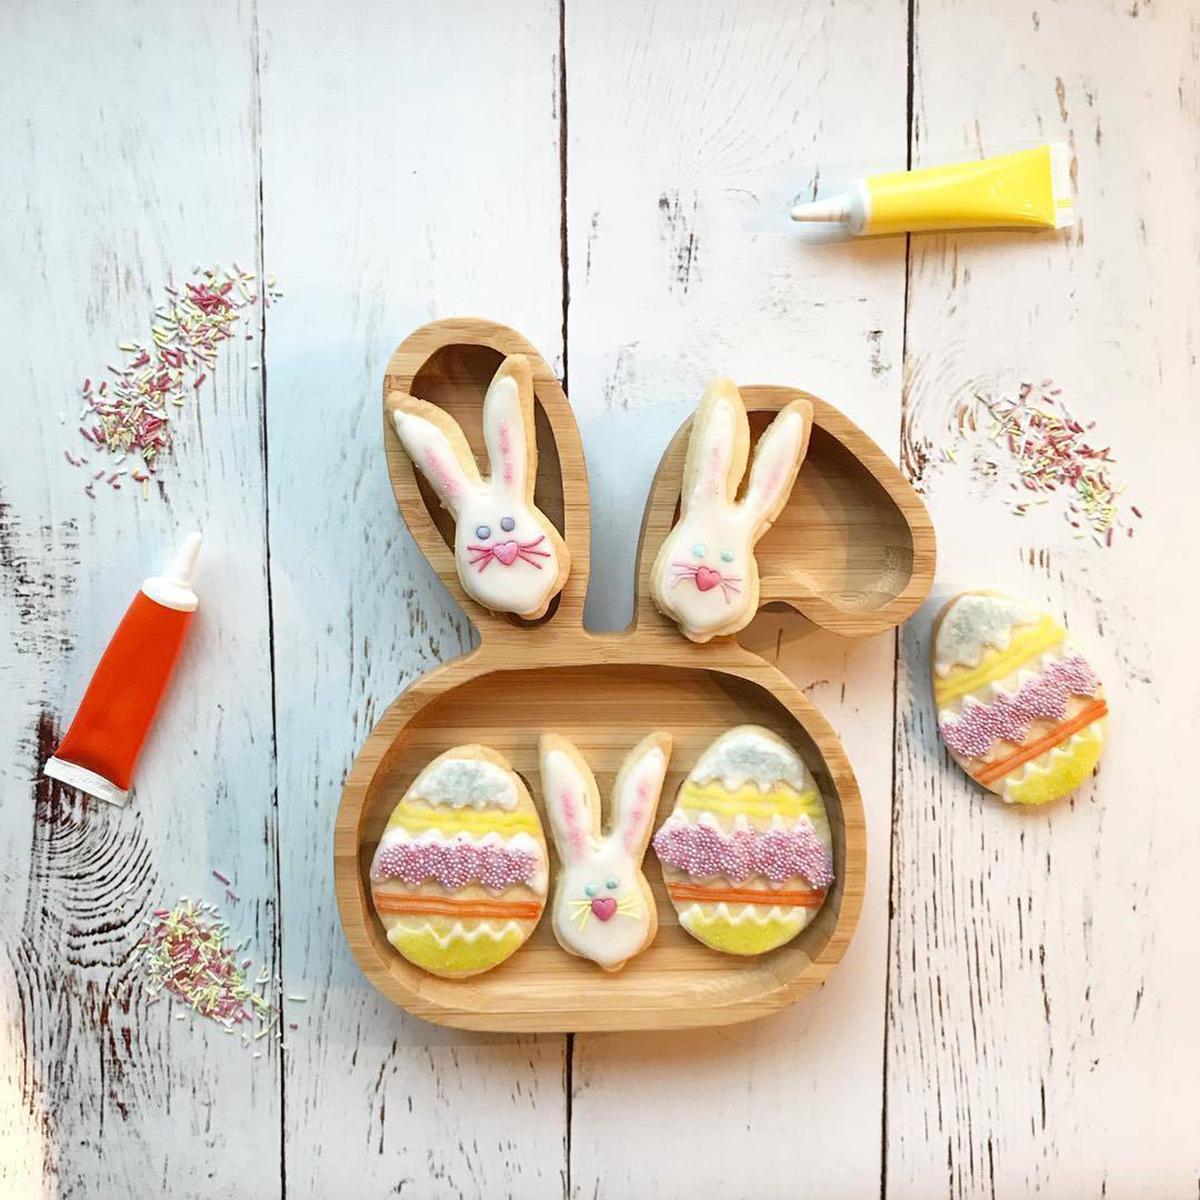 Assiette de succion pour bébé enfant en bas âge Mettez une assiette de nutrition Assiette en bambou naturel en forme de lapin pour enfants - 8